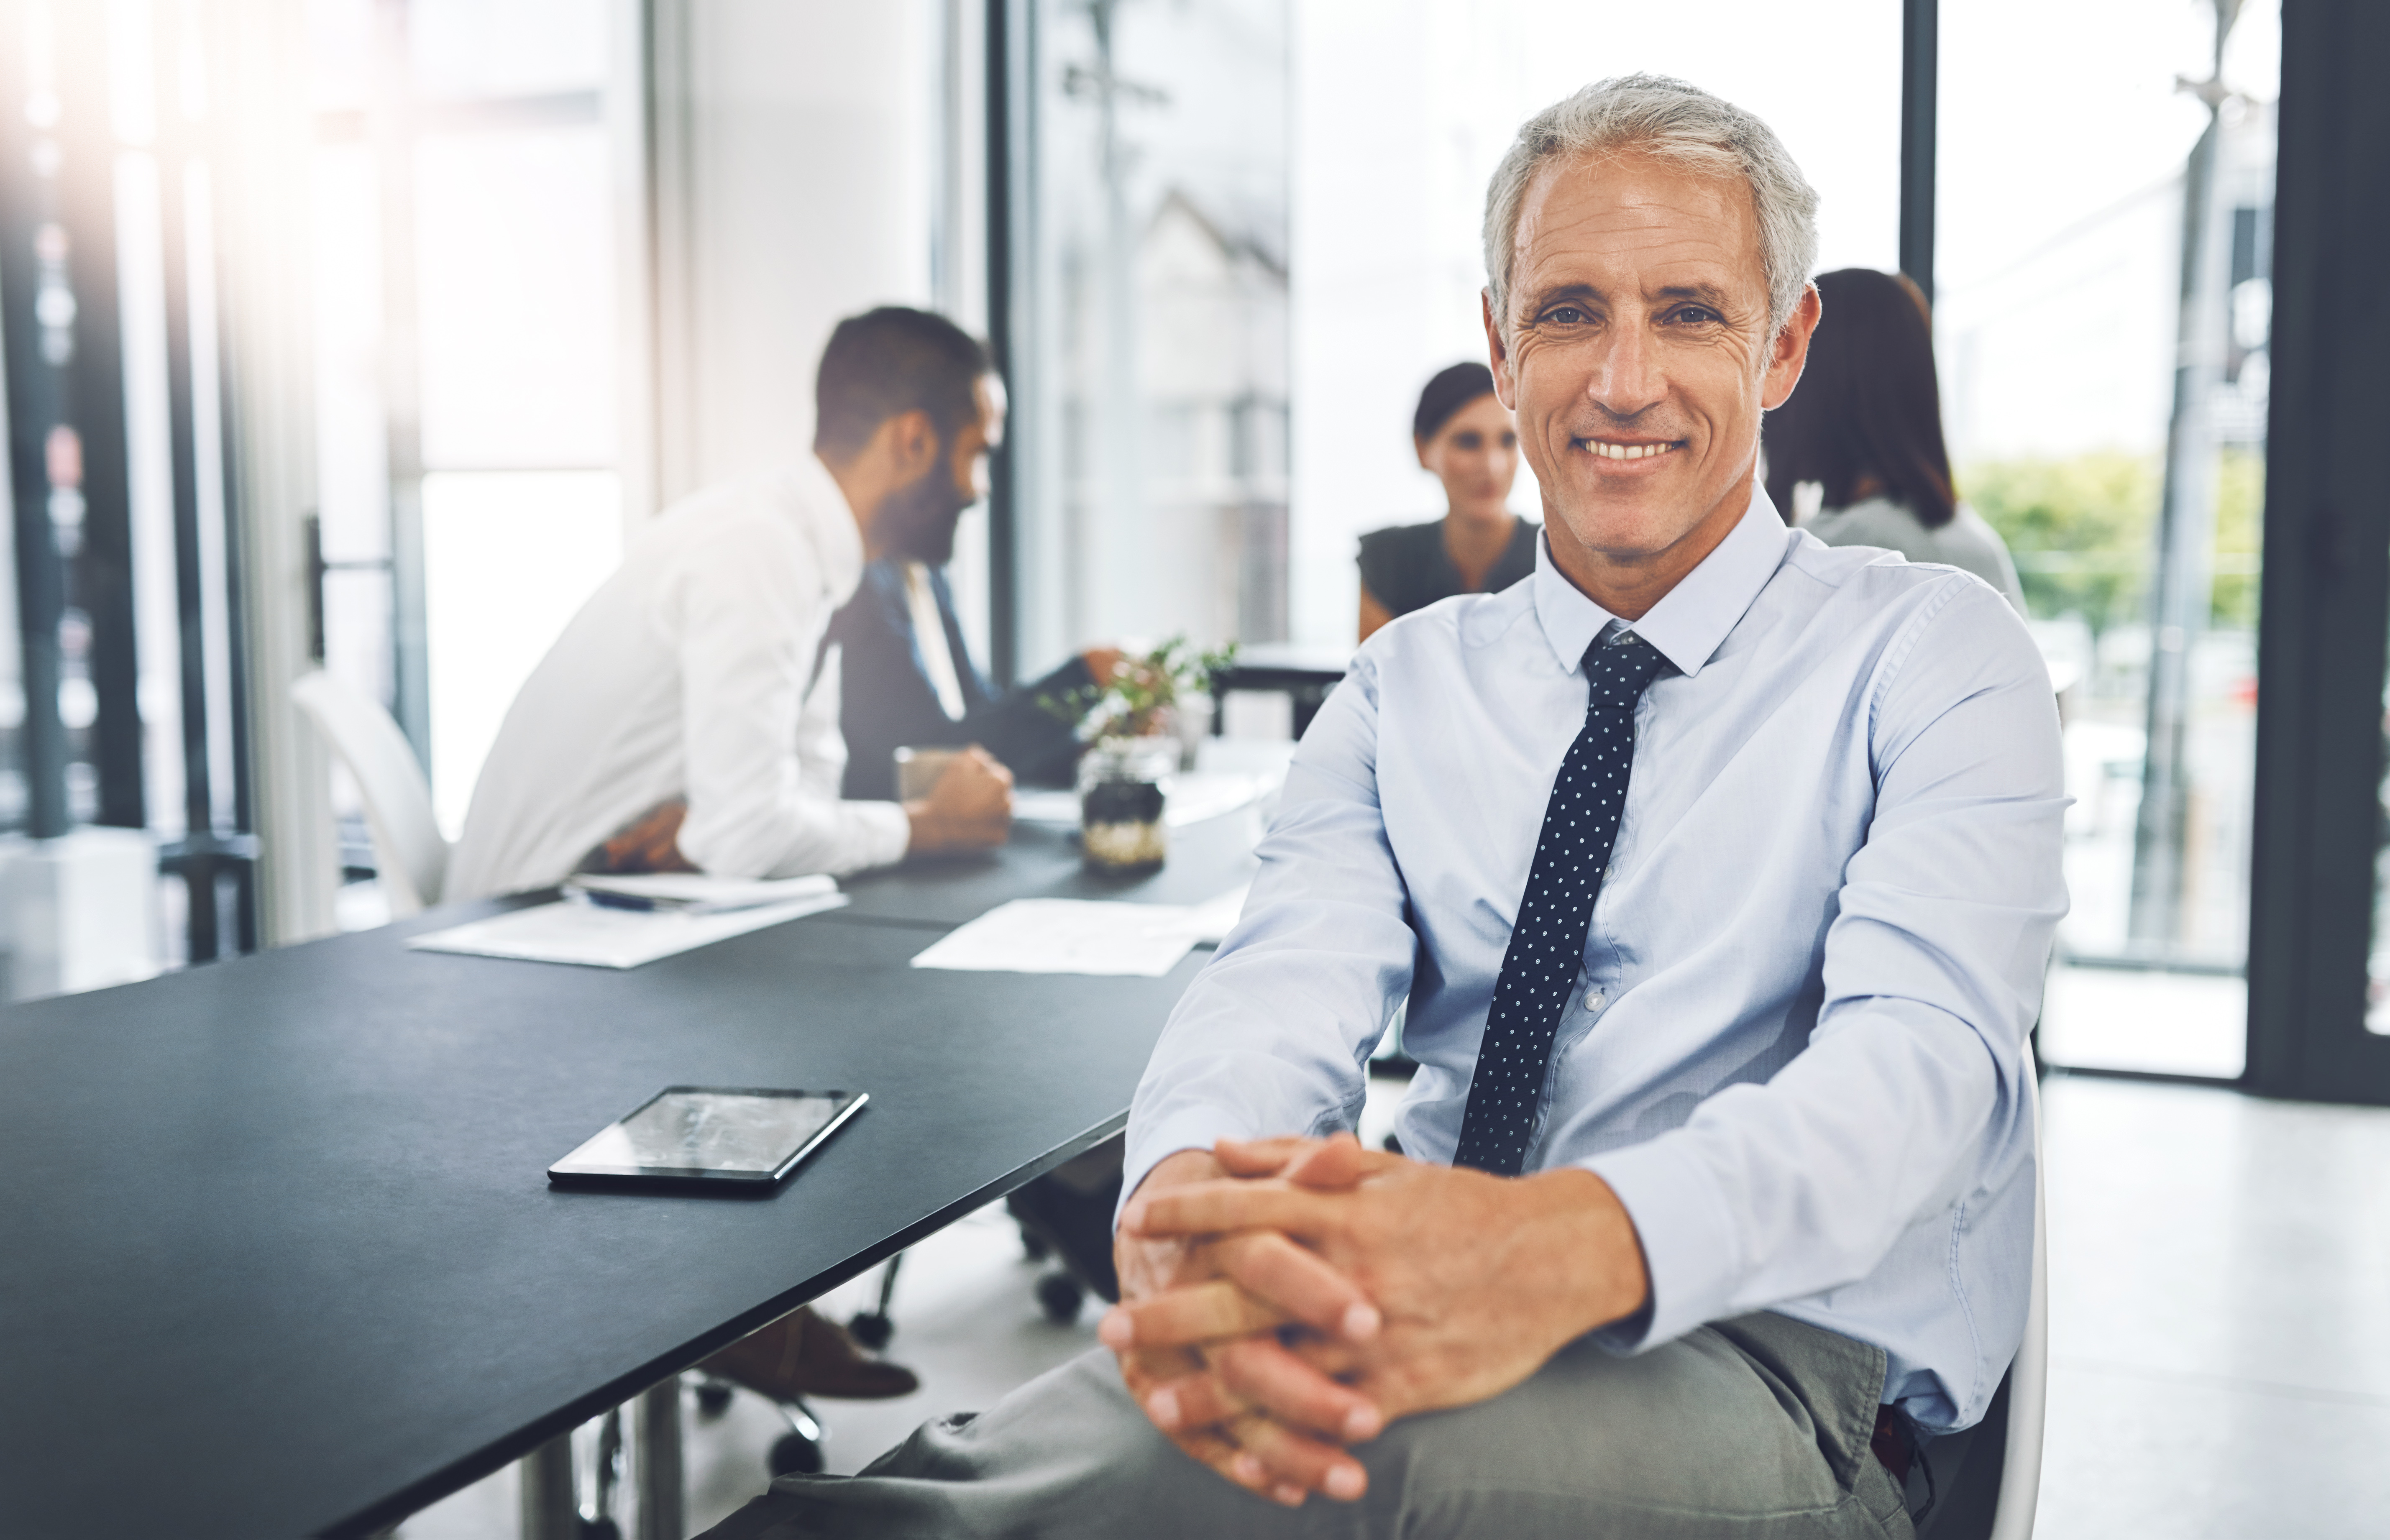 un chef d'entreprise souhaitant vendre son entreprise